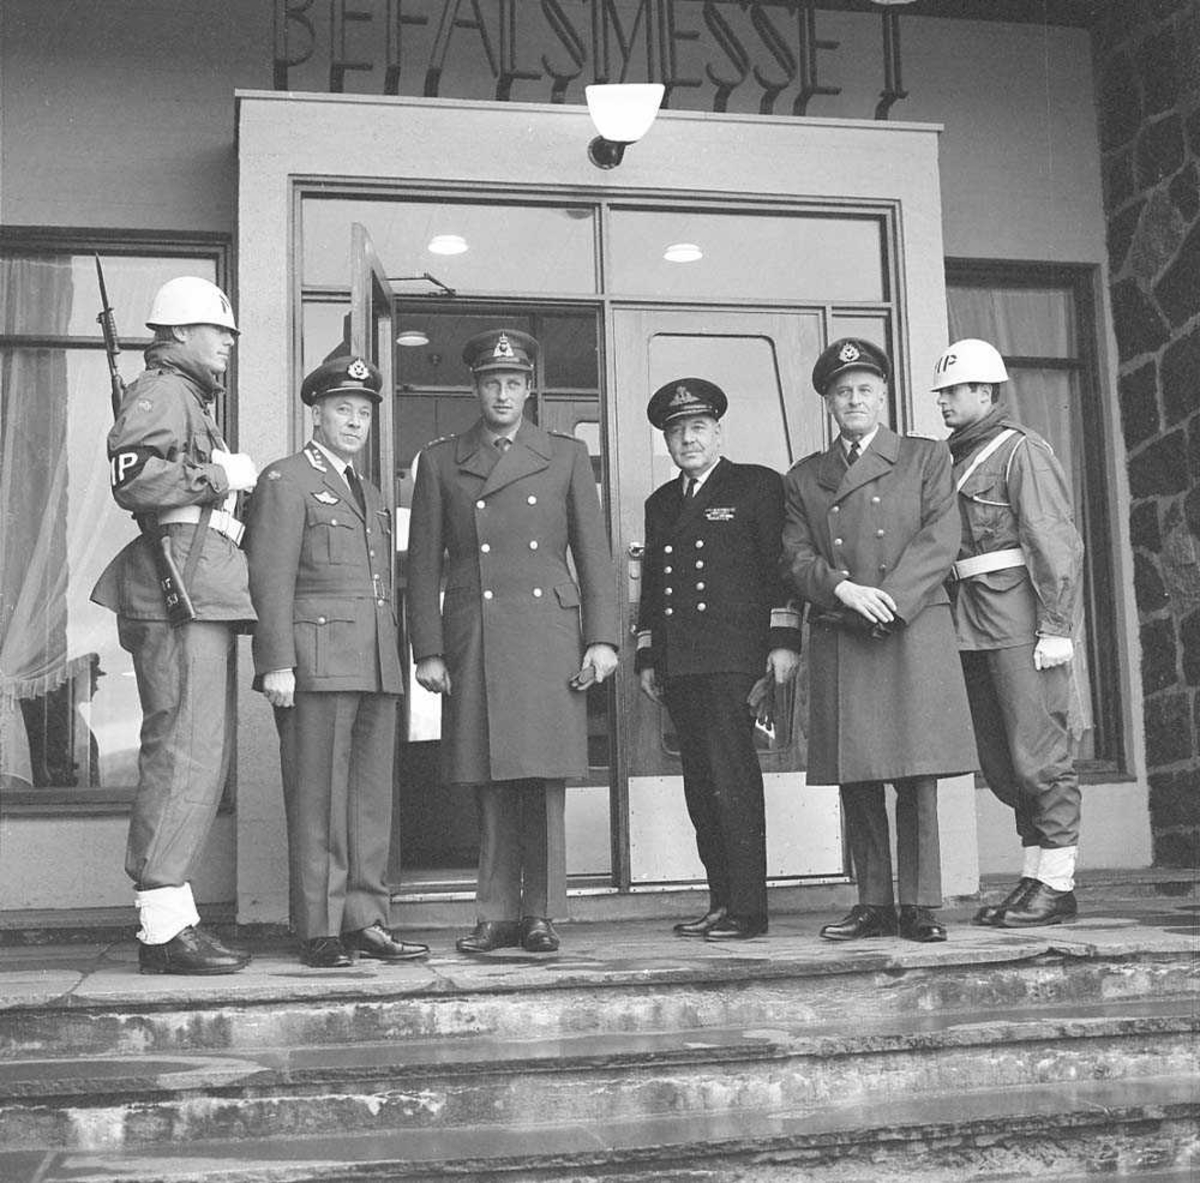 Hans Kongelige Høyhet Kronprins Harald besøker Bodø flystasjon. Fra venstre sees MP-vakt, Oberst K. Bjørge-Hansen, Kronprins Harald, Admiral R. Tamber (usikker), General W. Christie og MP-vakt.